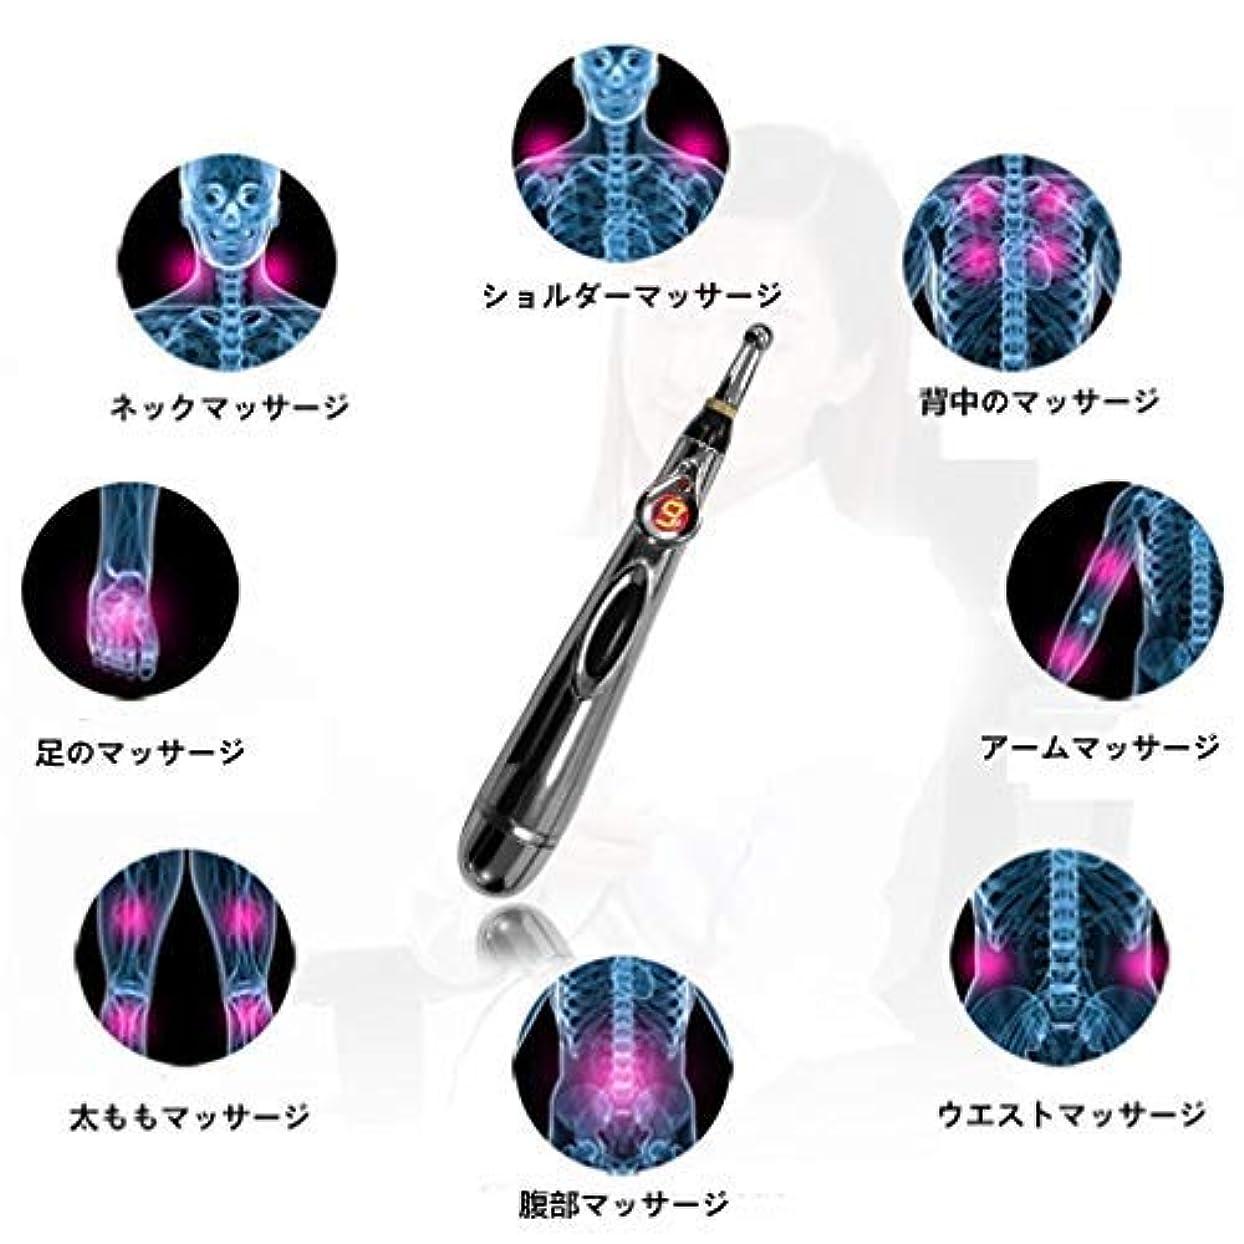 名目上の結び目人物Y-Yuns アキュポイント マッサージペン押し ペン型マッサージ 電気鍼治療ポイントボディヘッドショルダーマッサージャー電子子午線エネルギーペン